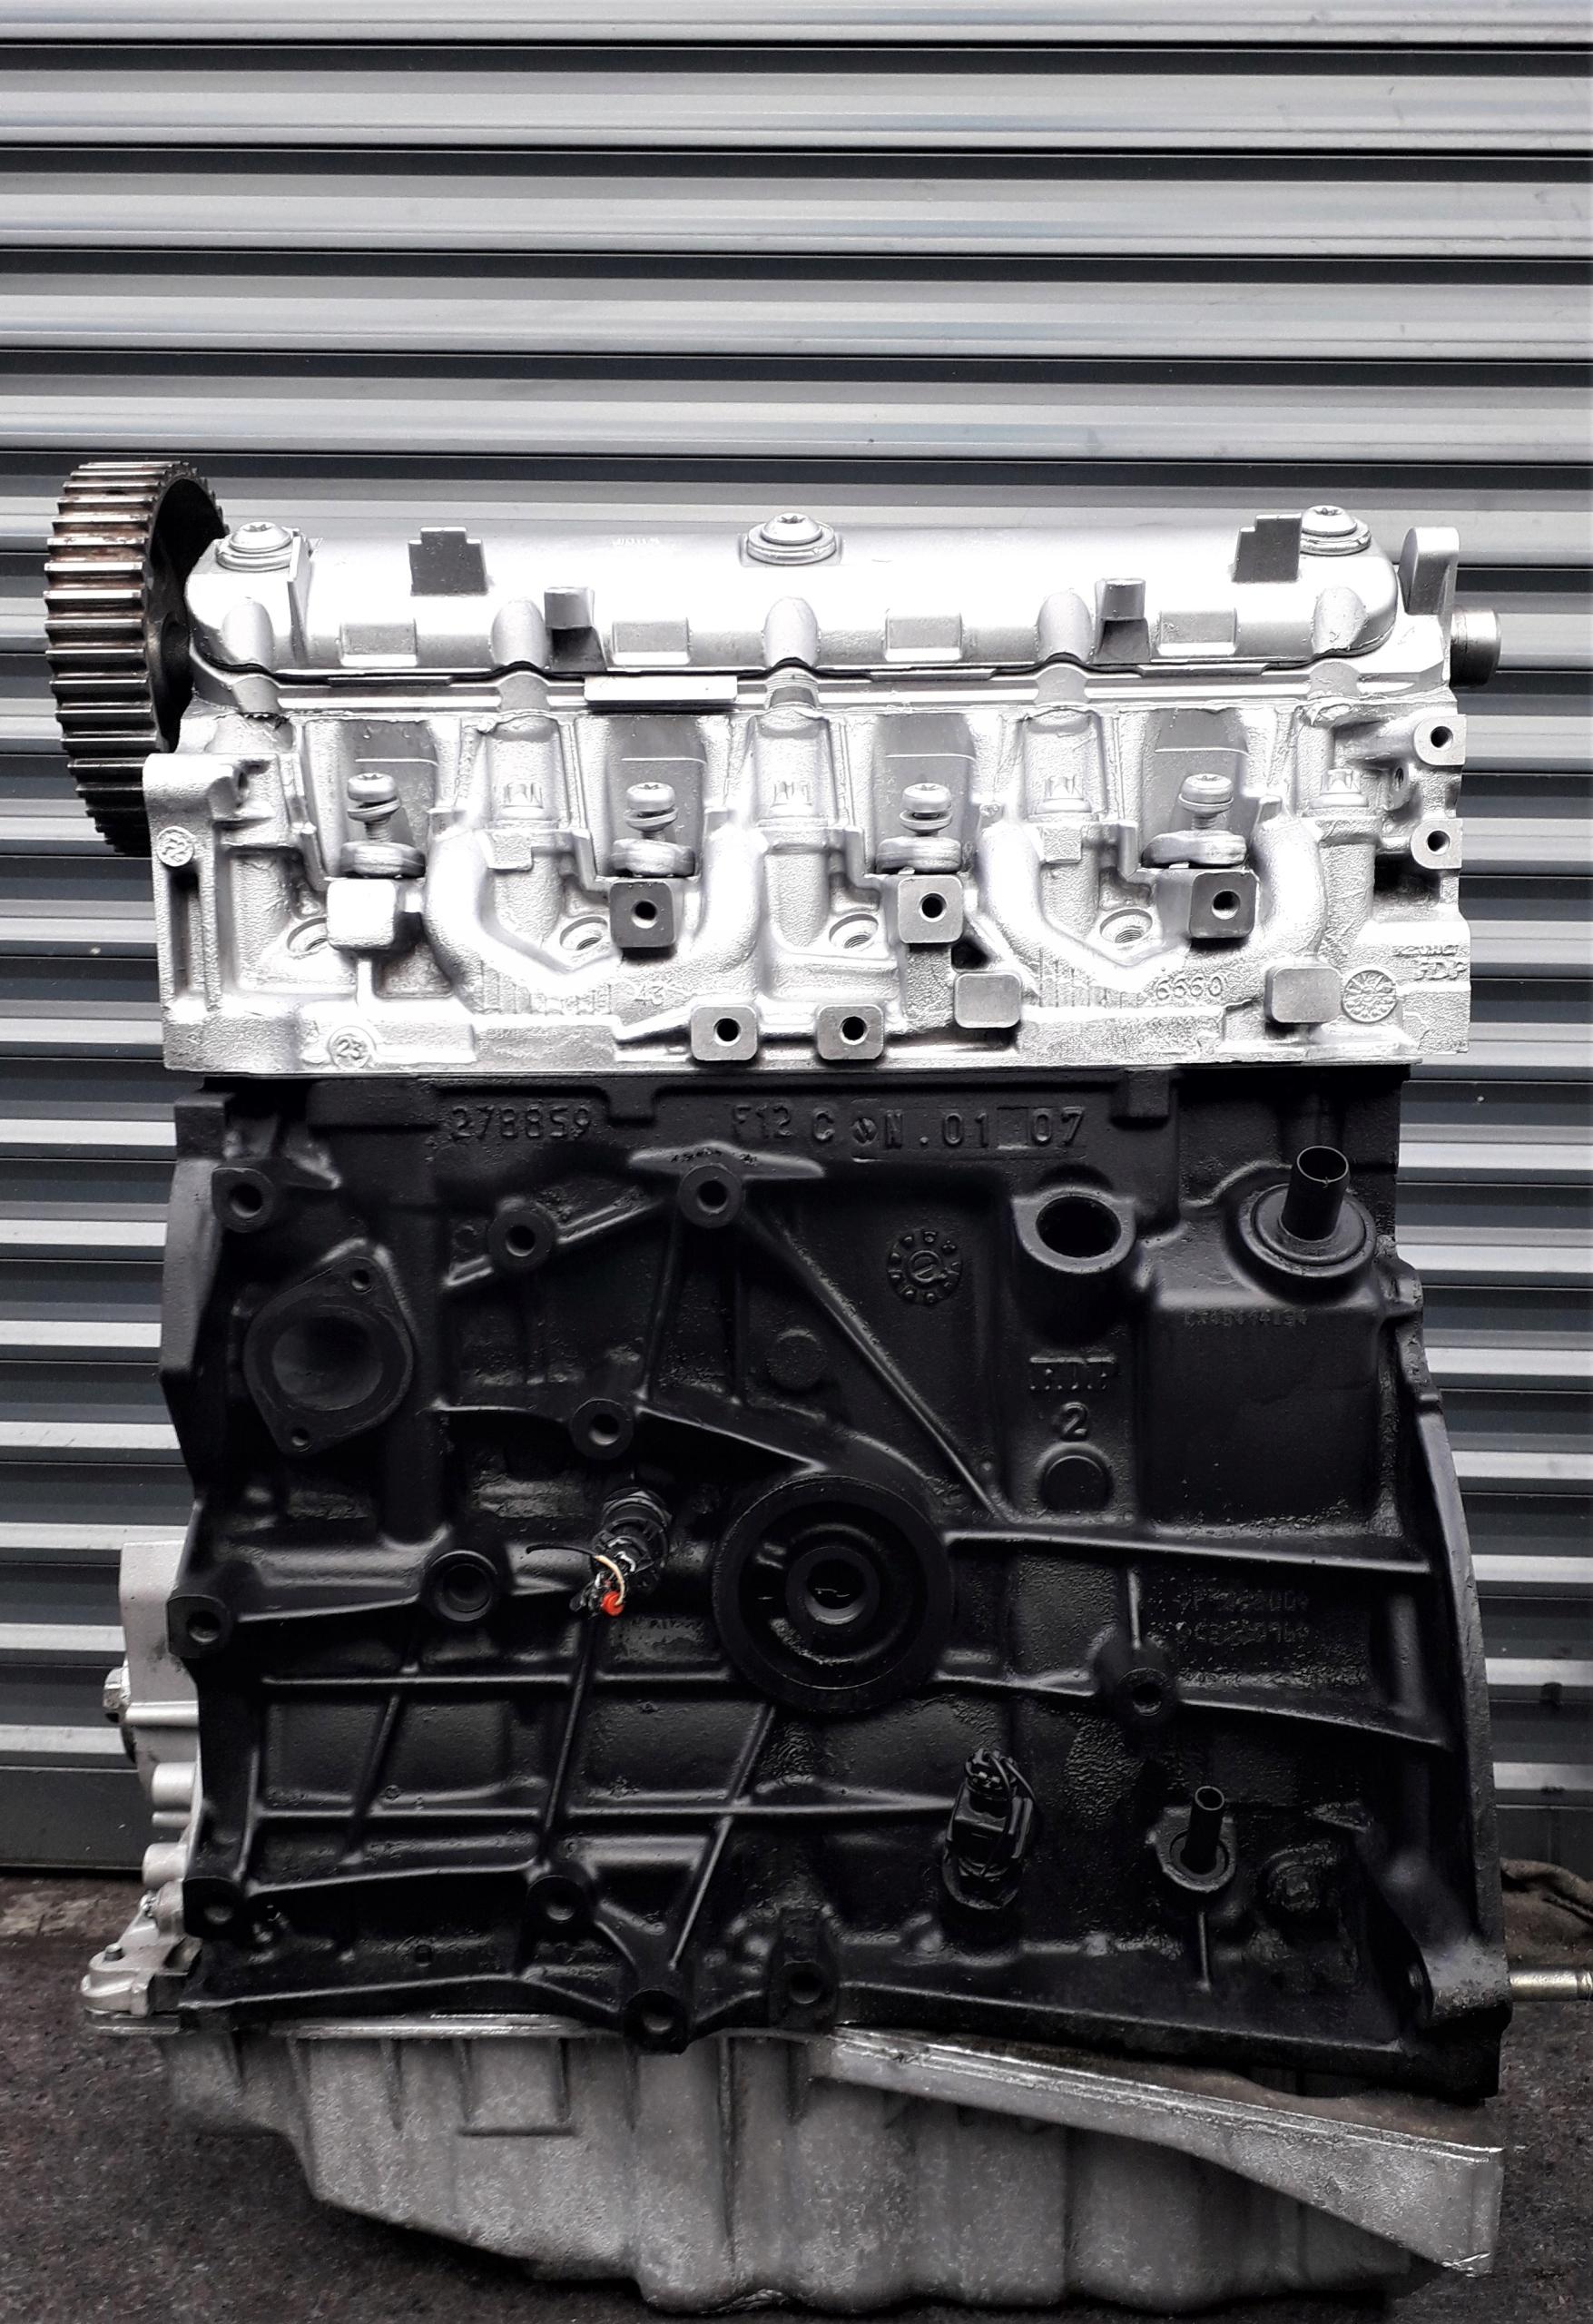 двигатель 19 dci renault opel nissan f9q регенерация